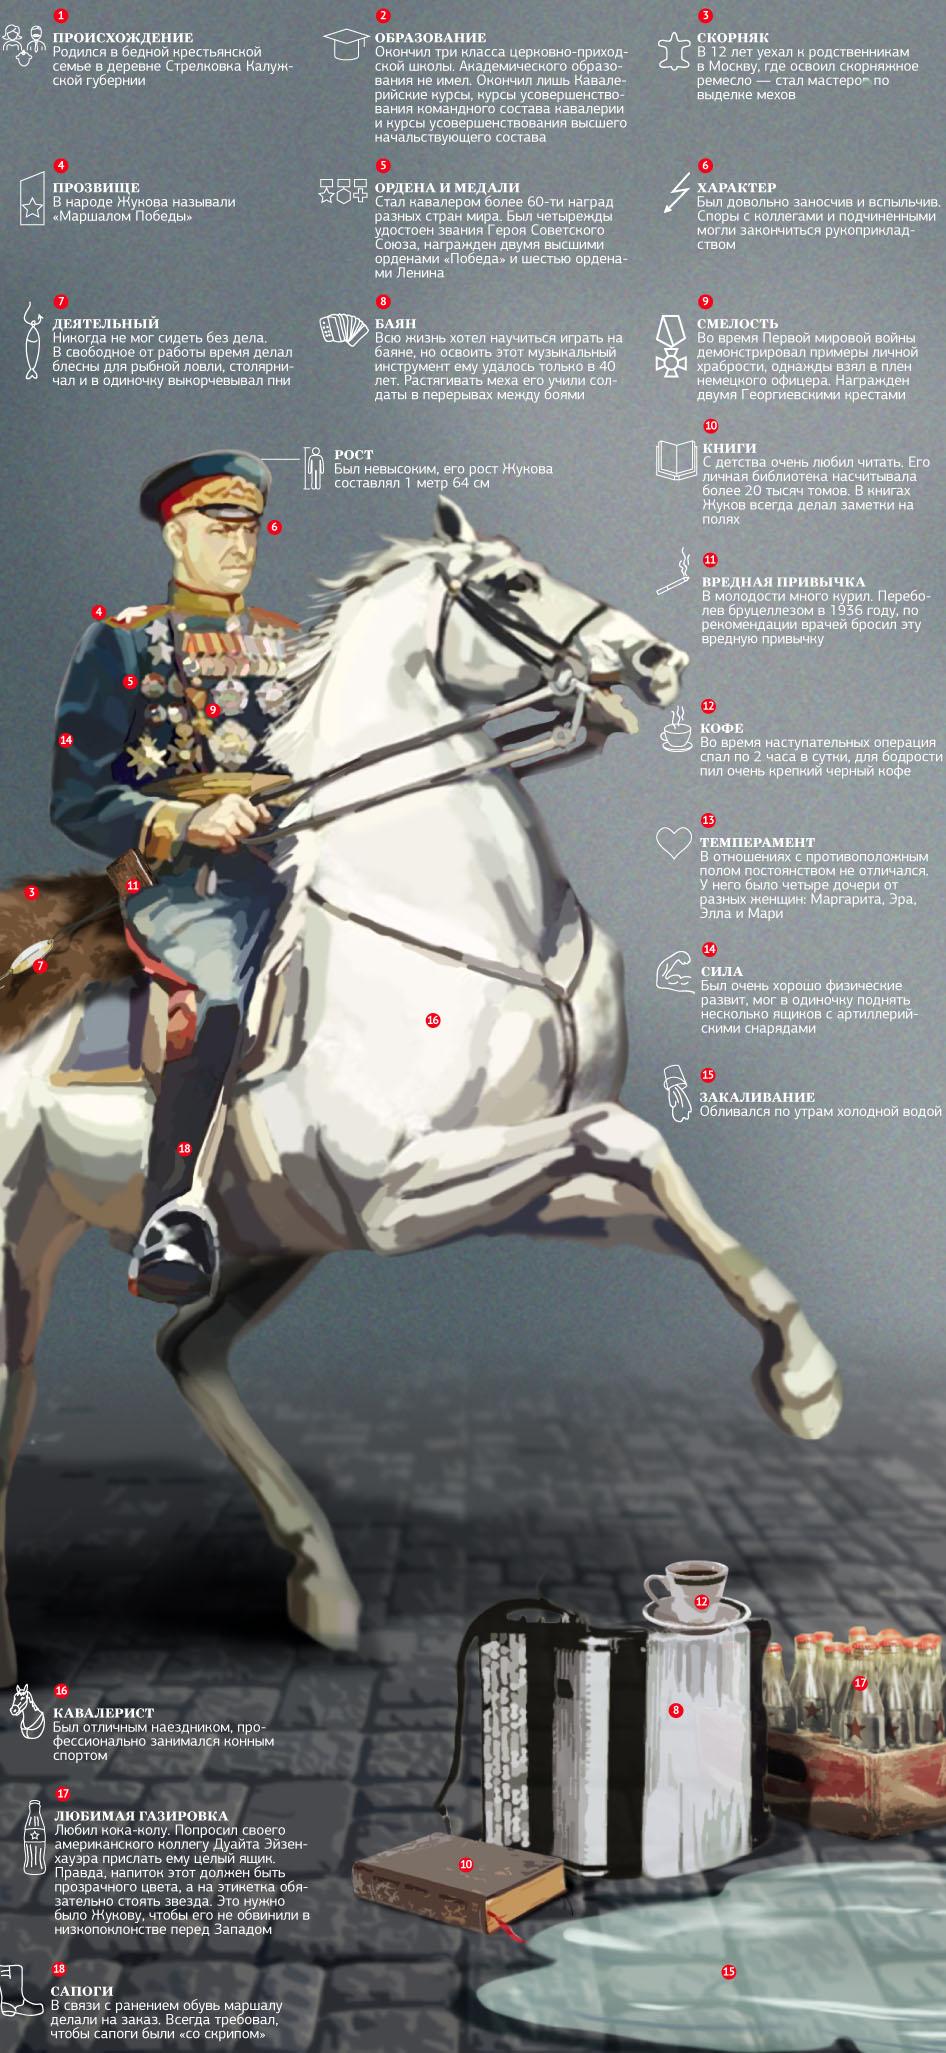 Георгий Жуков. Особые приметы. Инфографика